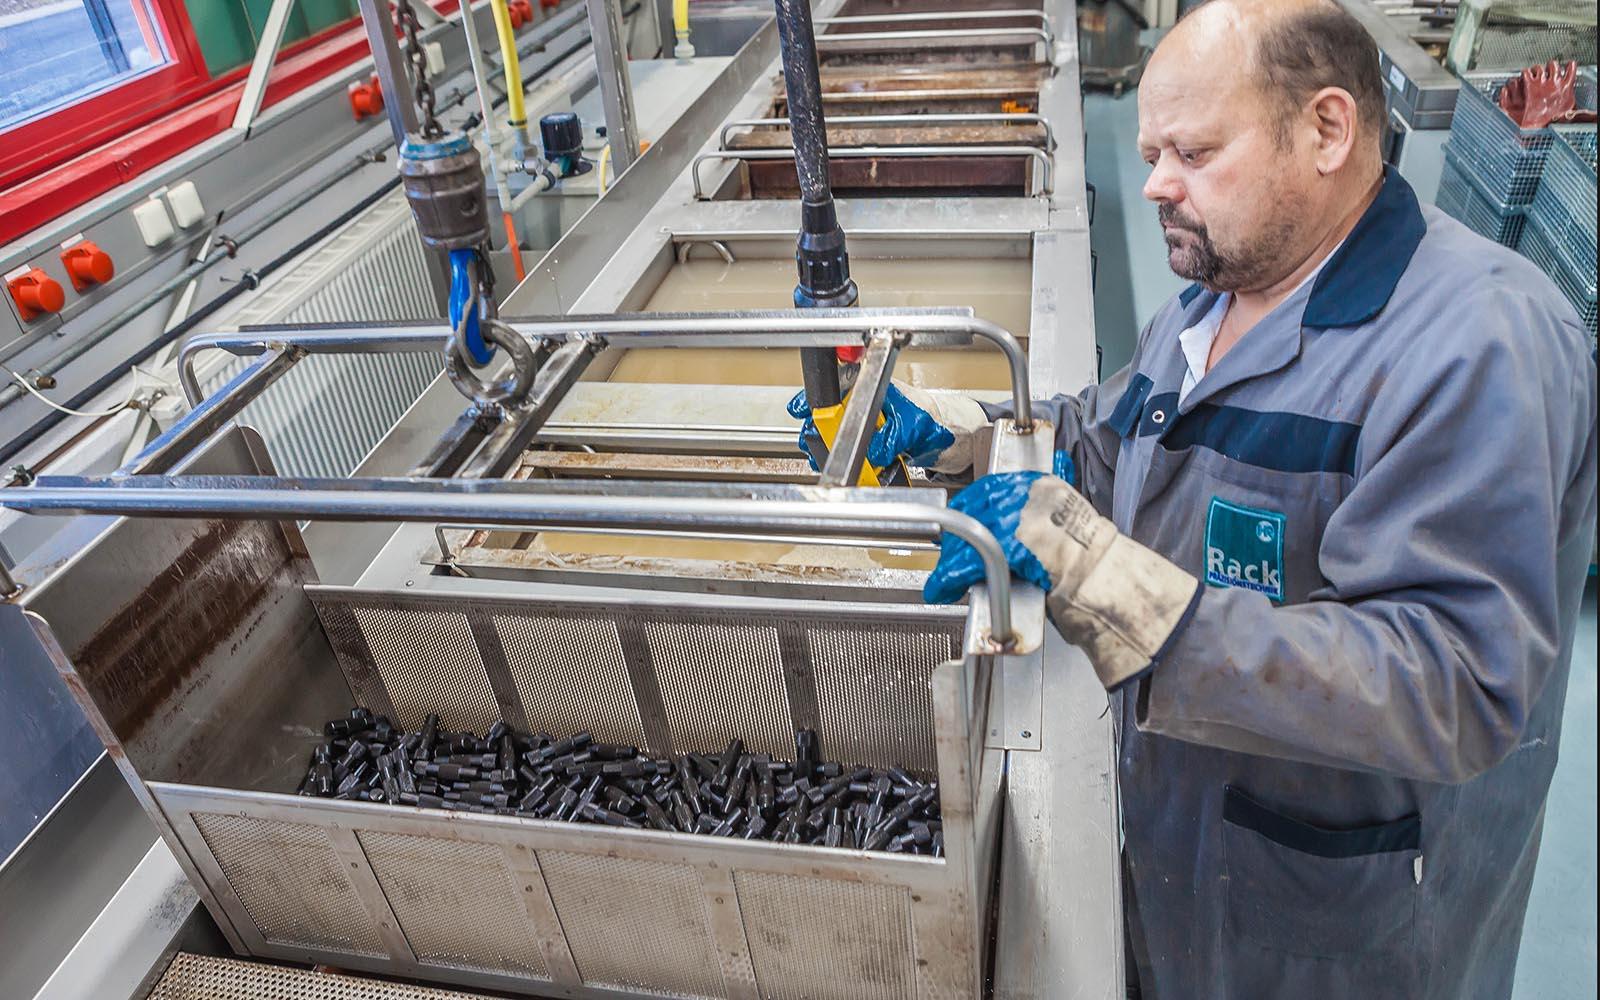 Bünieren, Mitarbeiter an Brünierstrasse, hebt Korb mit Teilen heraus